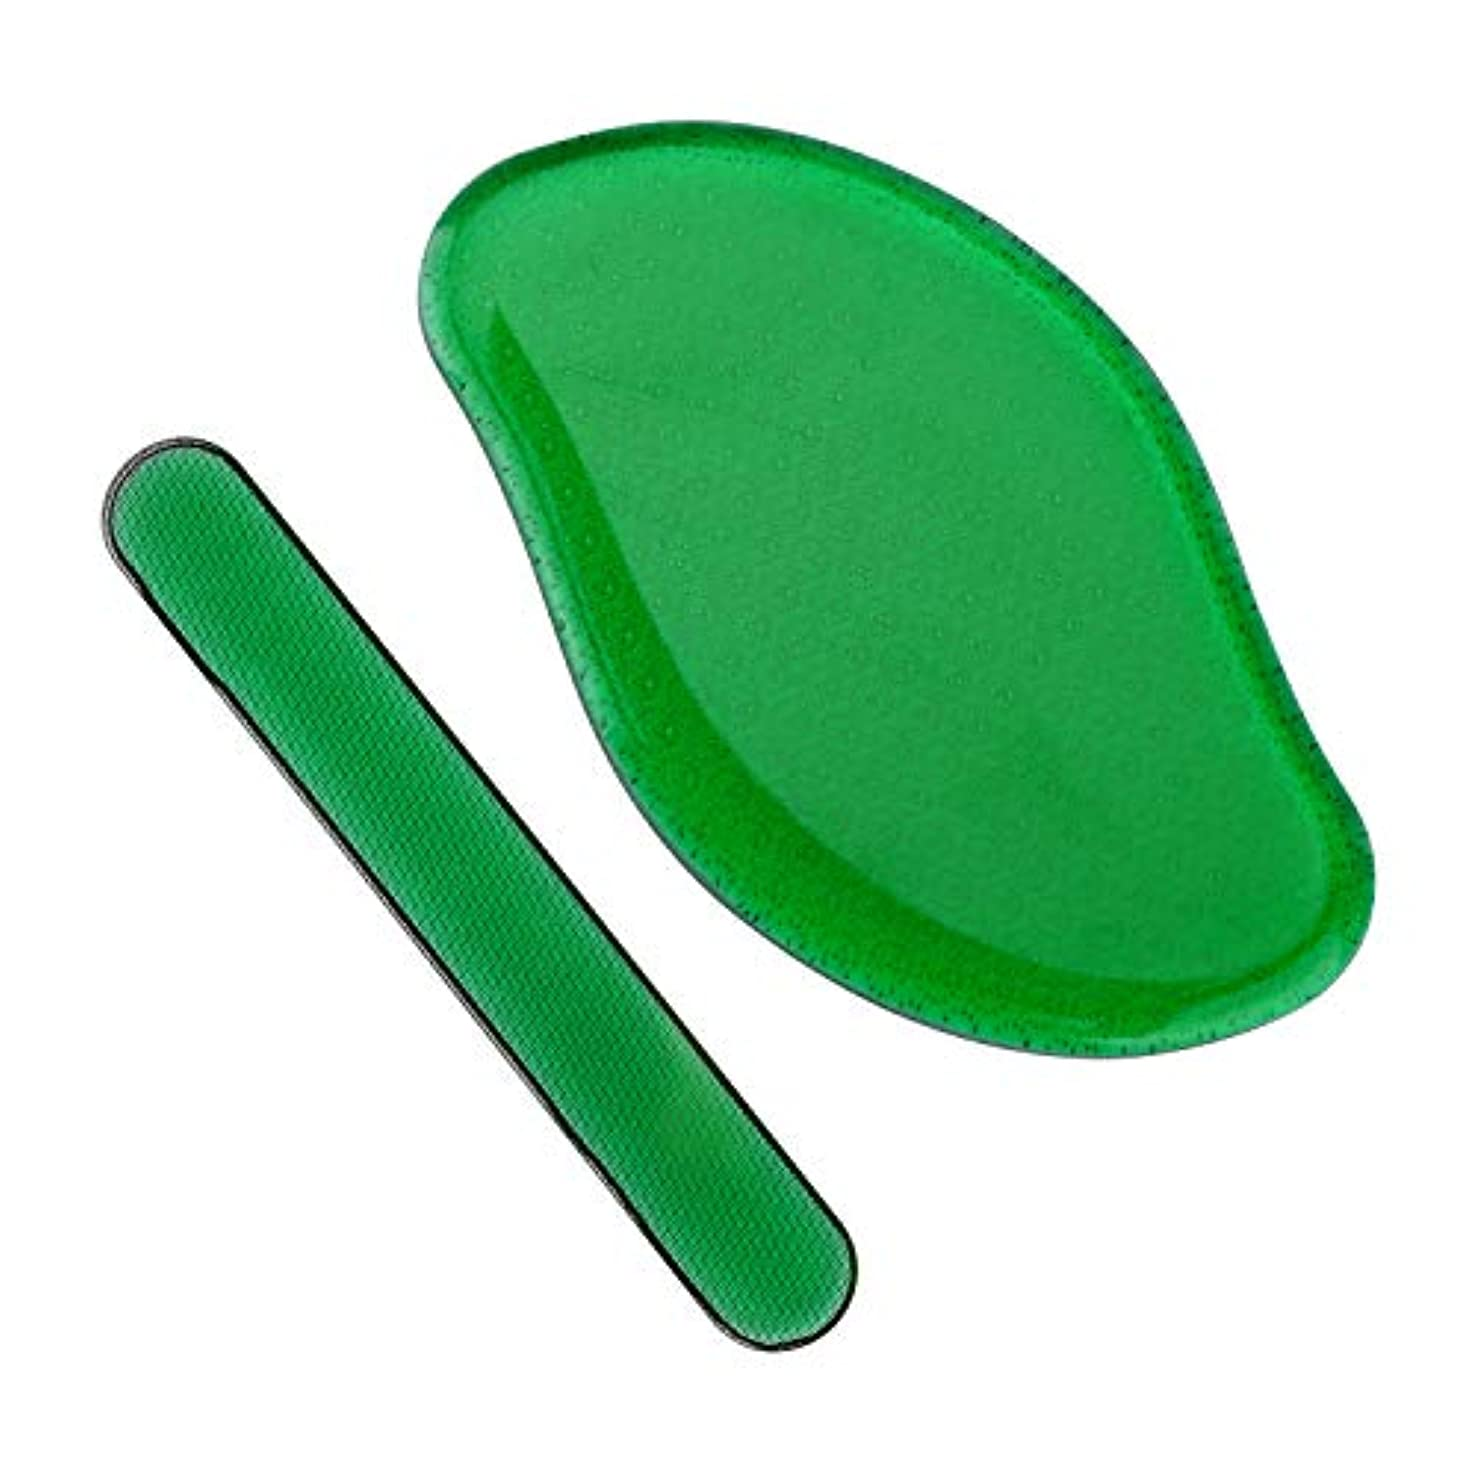 四凍った専門化するShinenail ガラス製 かかと 角質取り かかと削り ガラス 爪磨き付き かかとやすり かかと磨き 角質除去 足 角質ケア ヤスリ 足裏 踵 フットケア 丸洗いOK 爪磨き付き